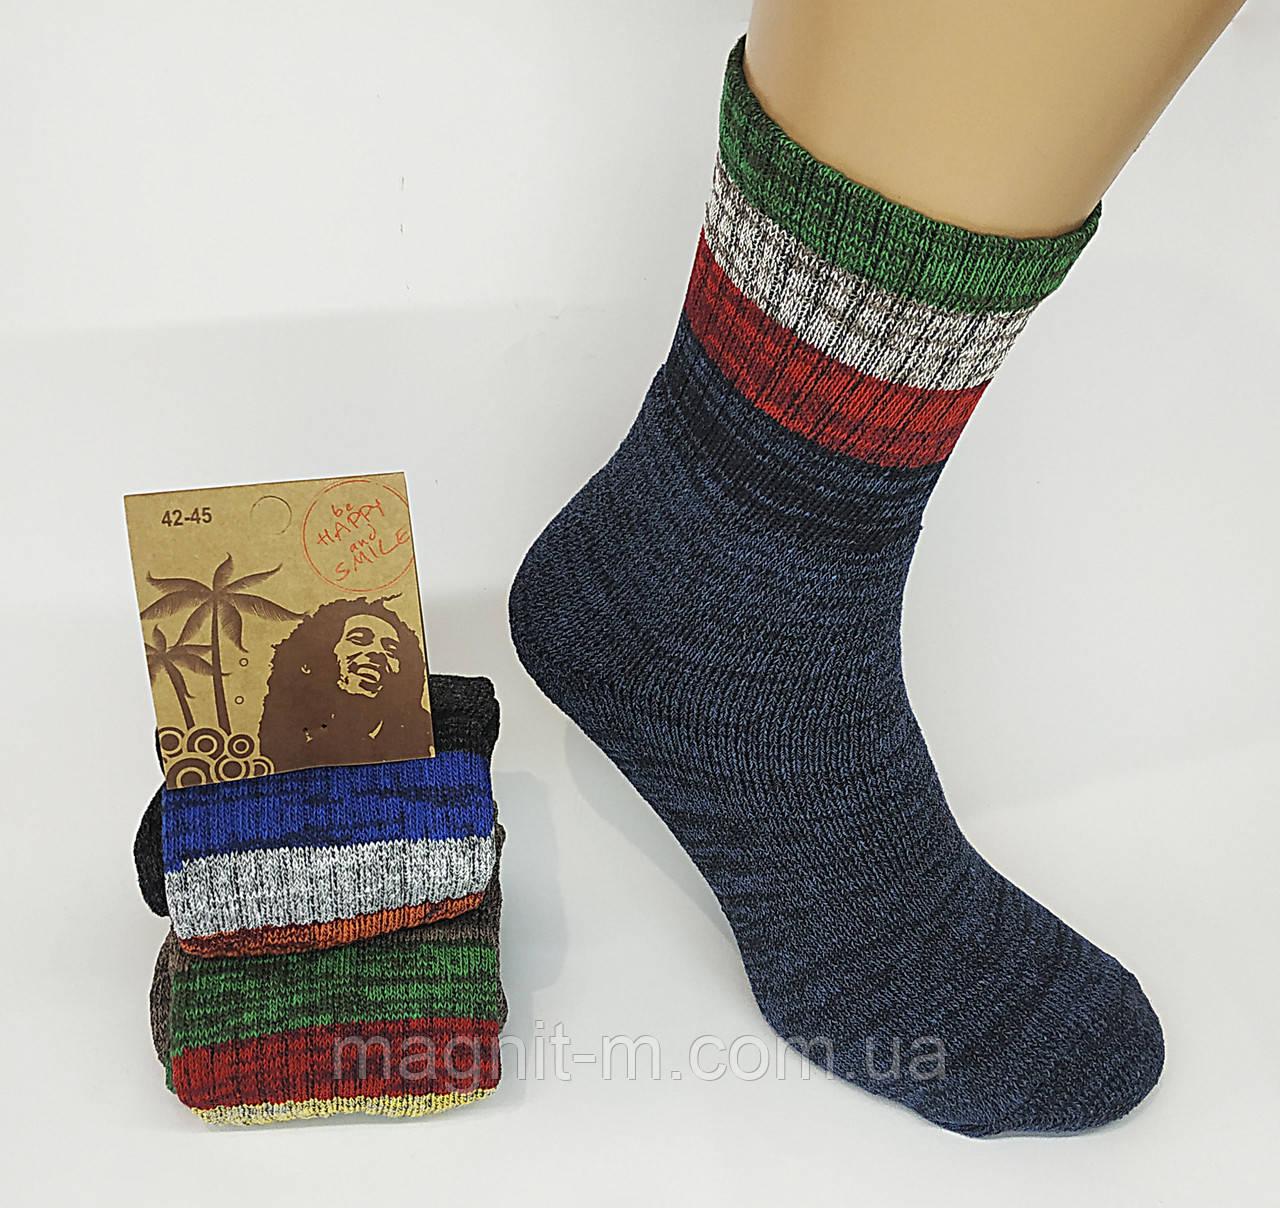 Мужские теплые махровые носки Ямайка. Р-р 42-45.